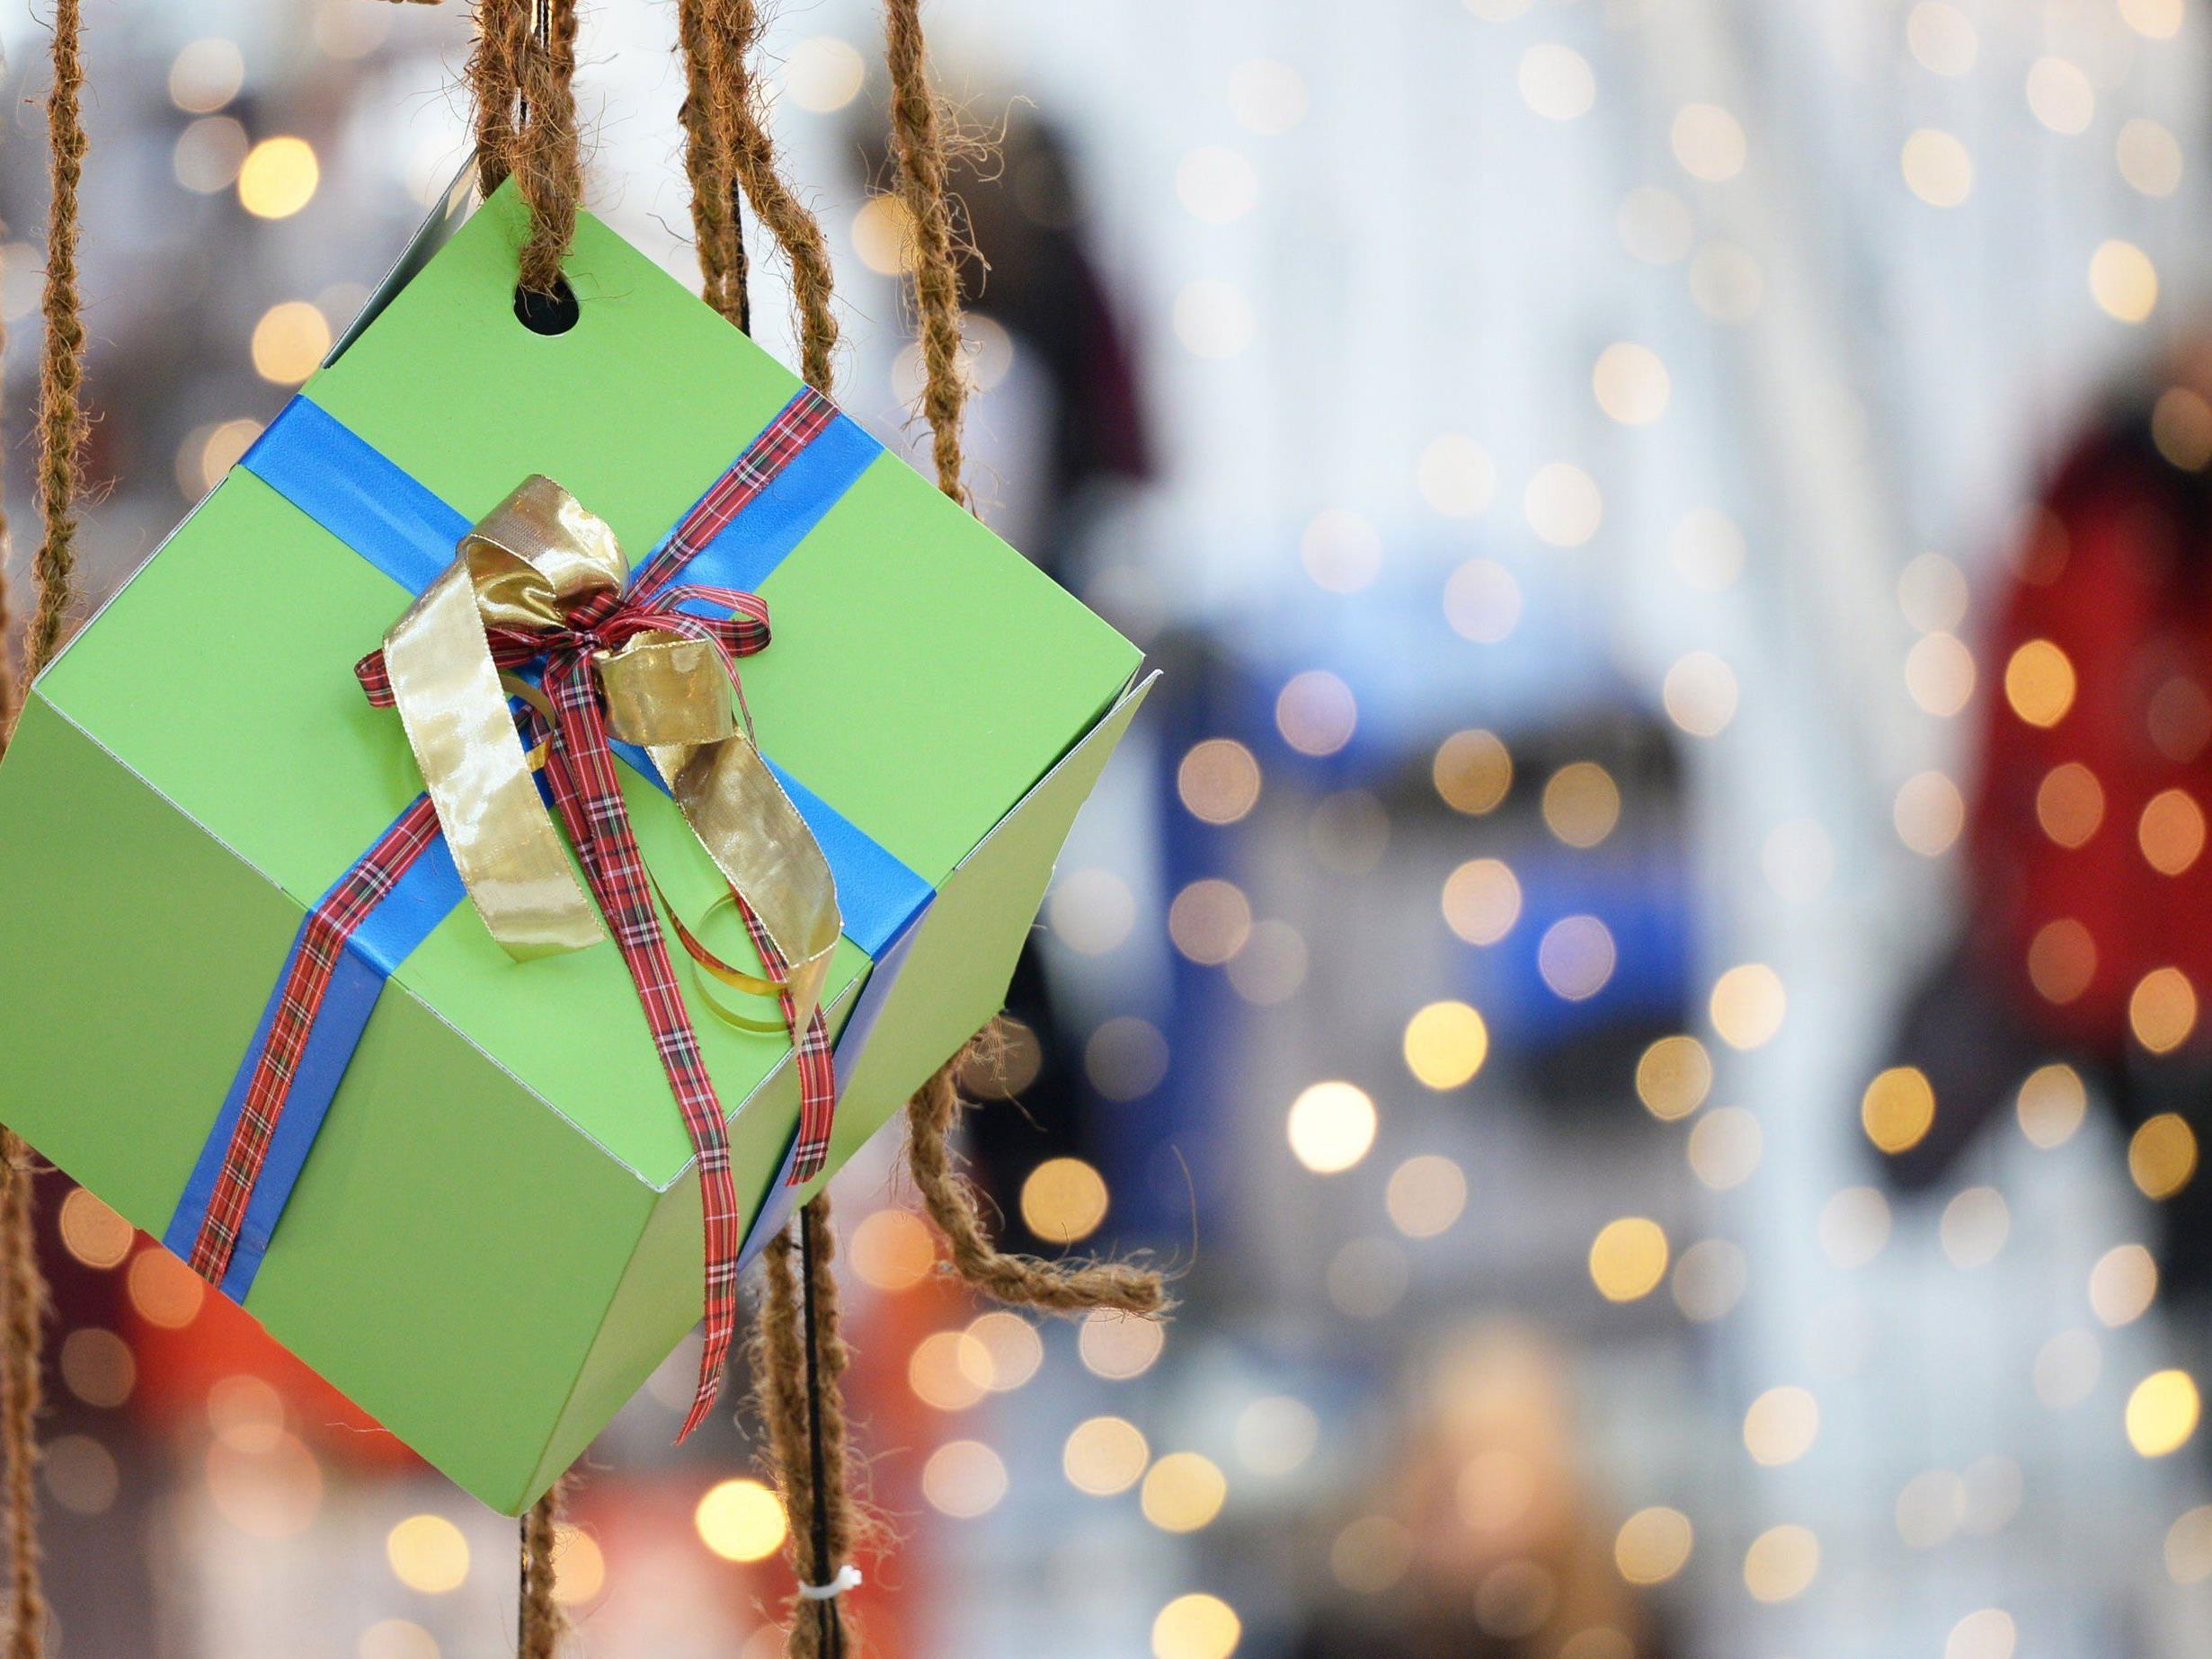 Selbst gemachte Geschenke freuen die Liebsten immer besonders.